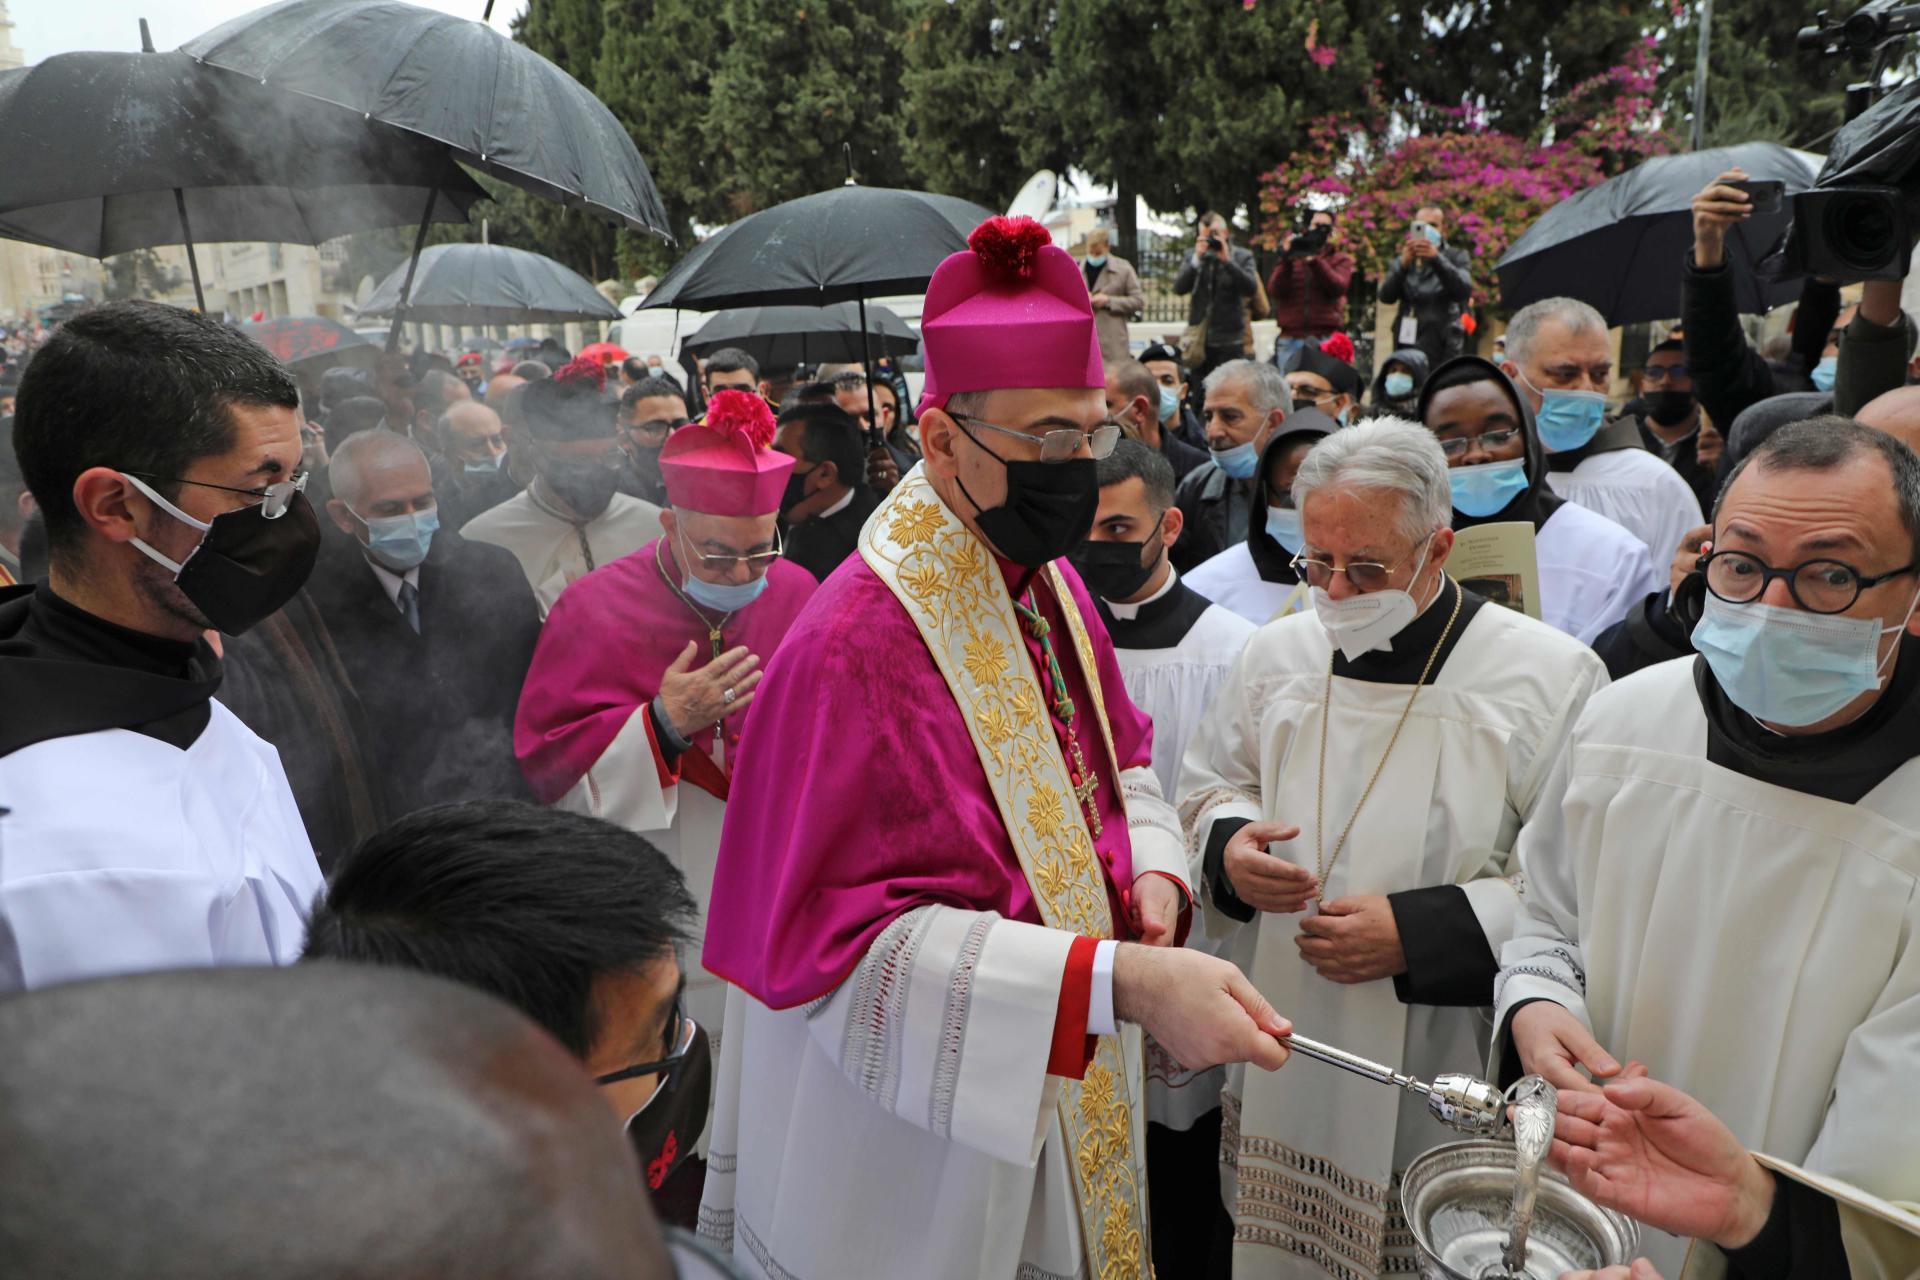 Le patriarche latin de Jérusalem, Pierbattista Pizzaballa, asperge la foule d'eau bénite lors de la procession à Bethléem, jeudi 24 décembre.